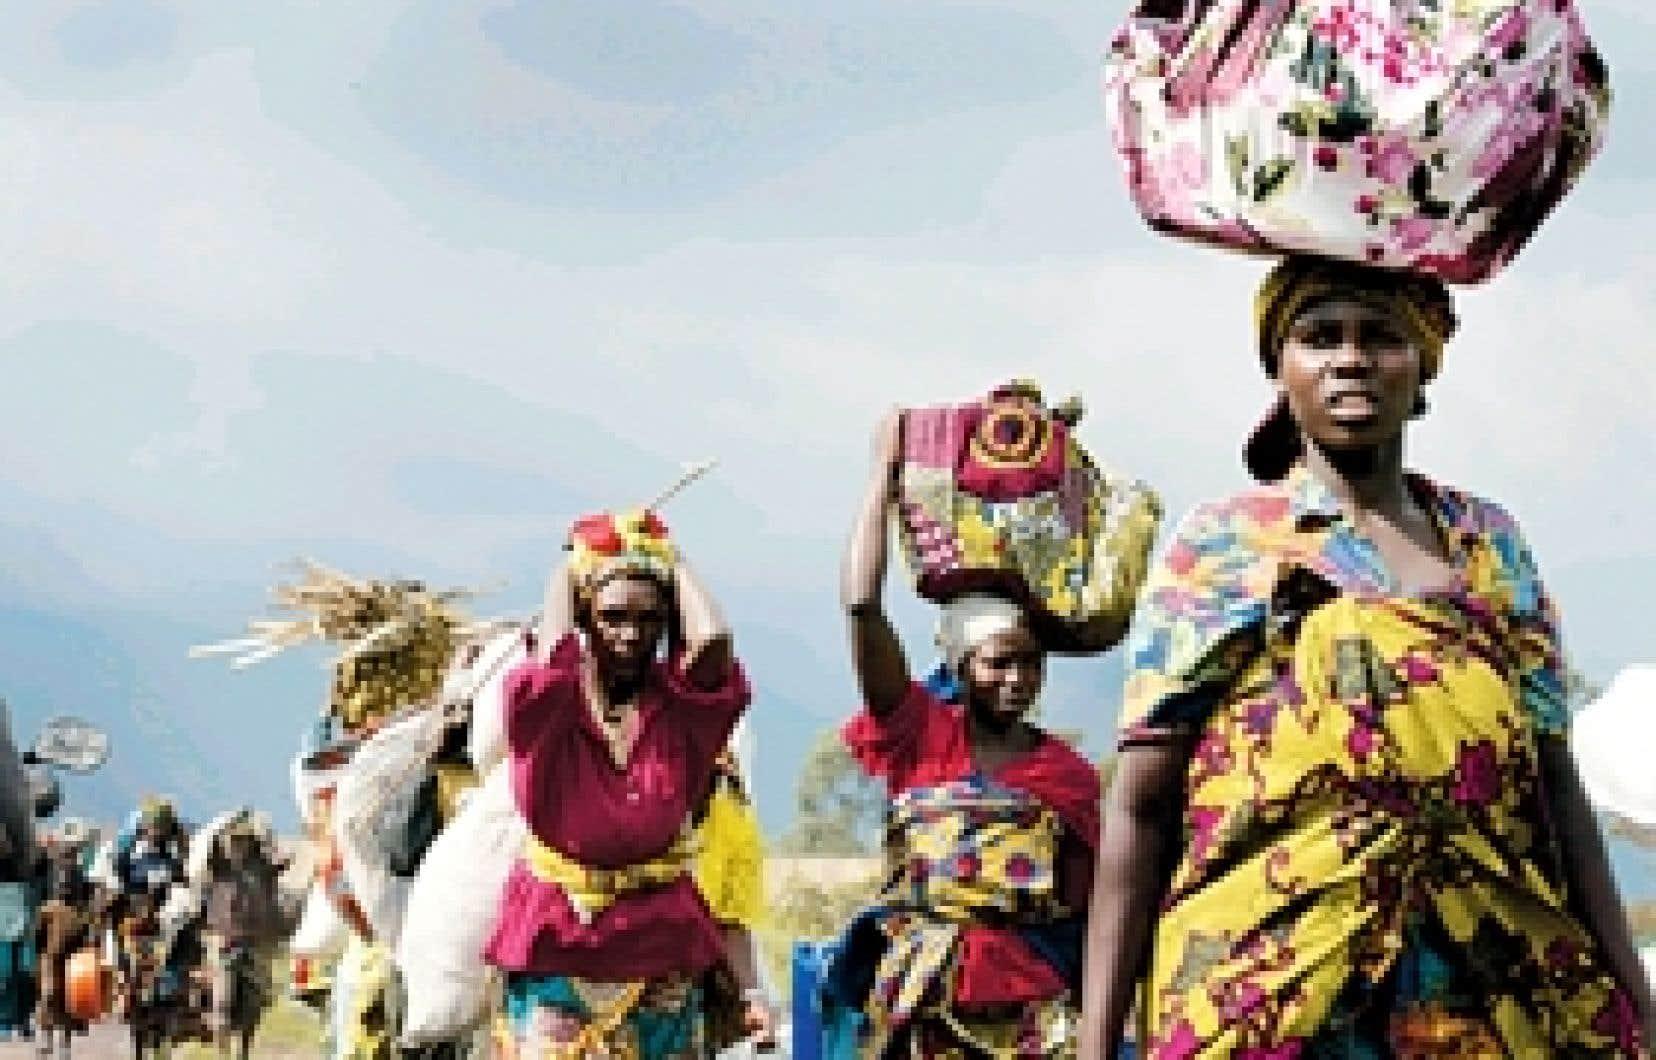 Le flot quotidien des réfugiés hier en République démocratique du Congo (RDC).